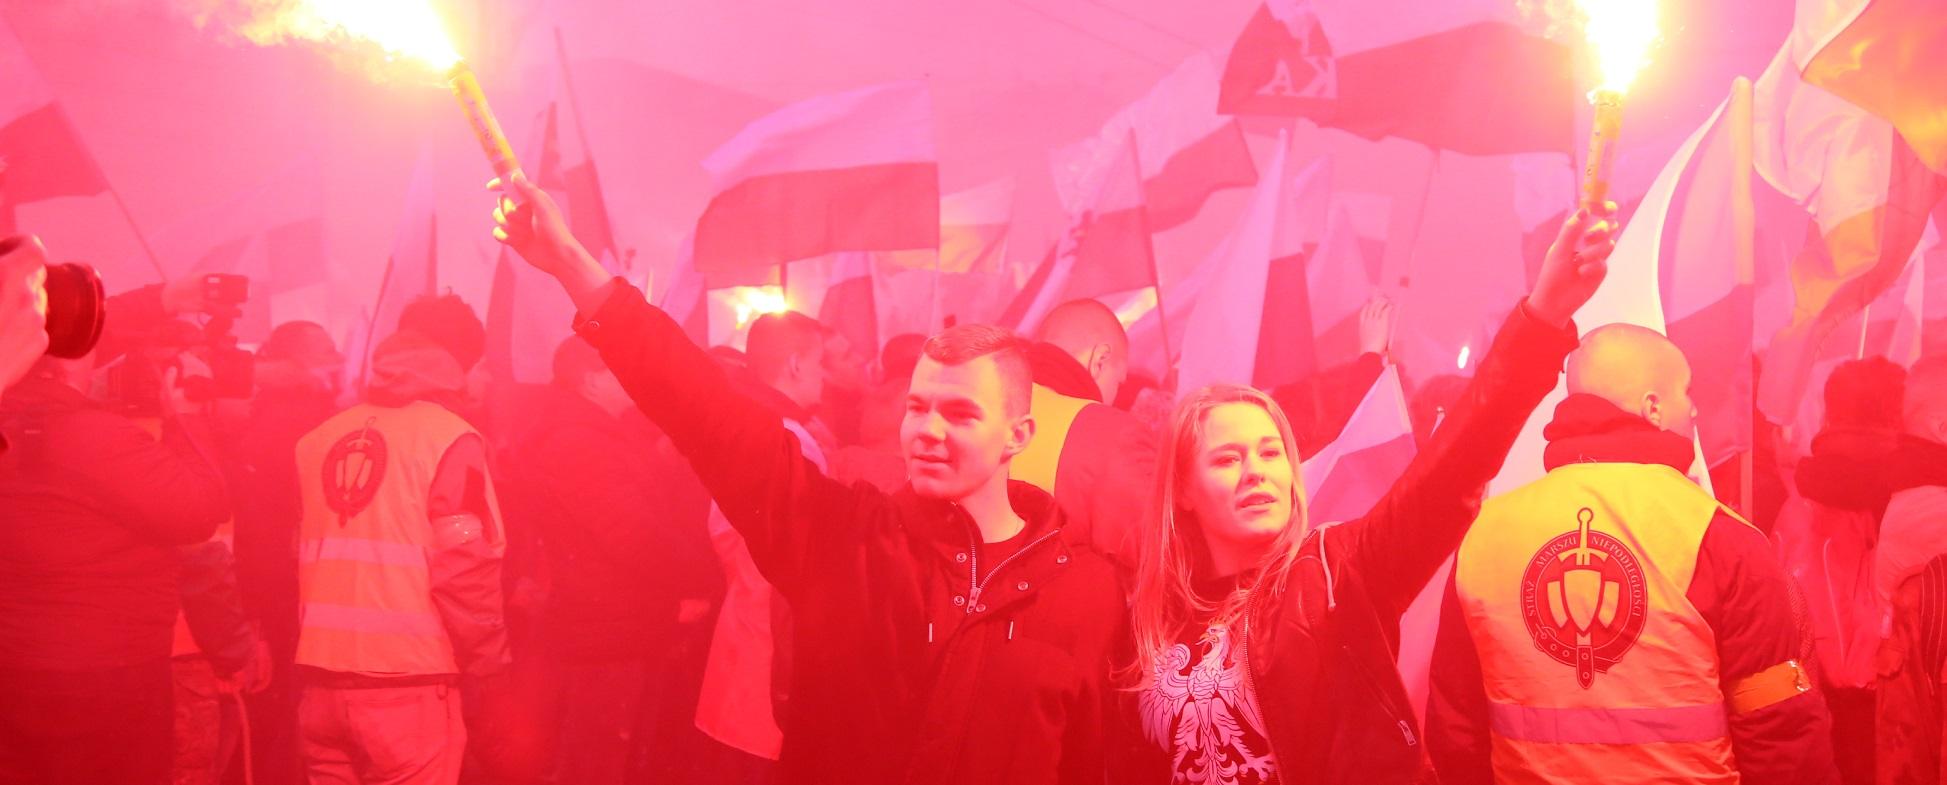 Sąd Okręgowy w Warszawie uchylił zakaz organizacji Marszu Niepodległości w stolicy